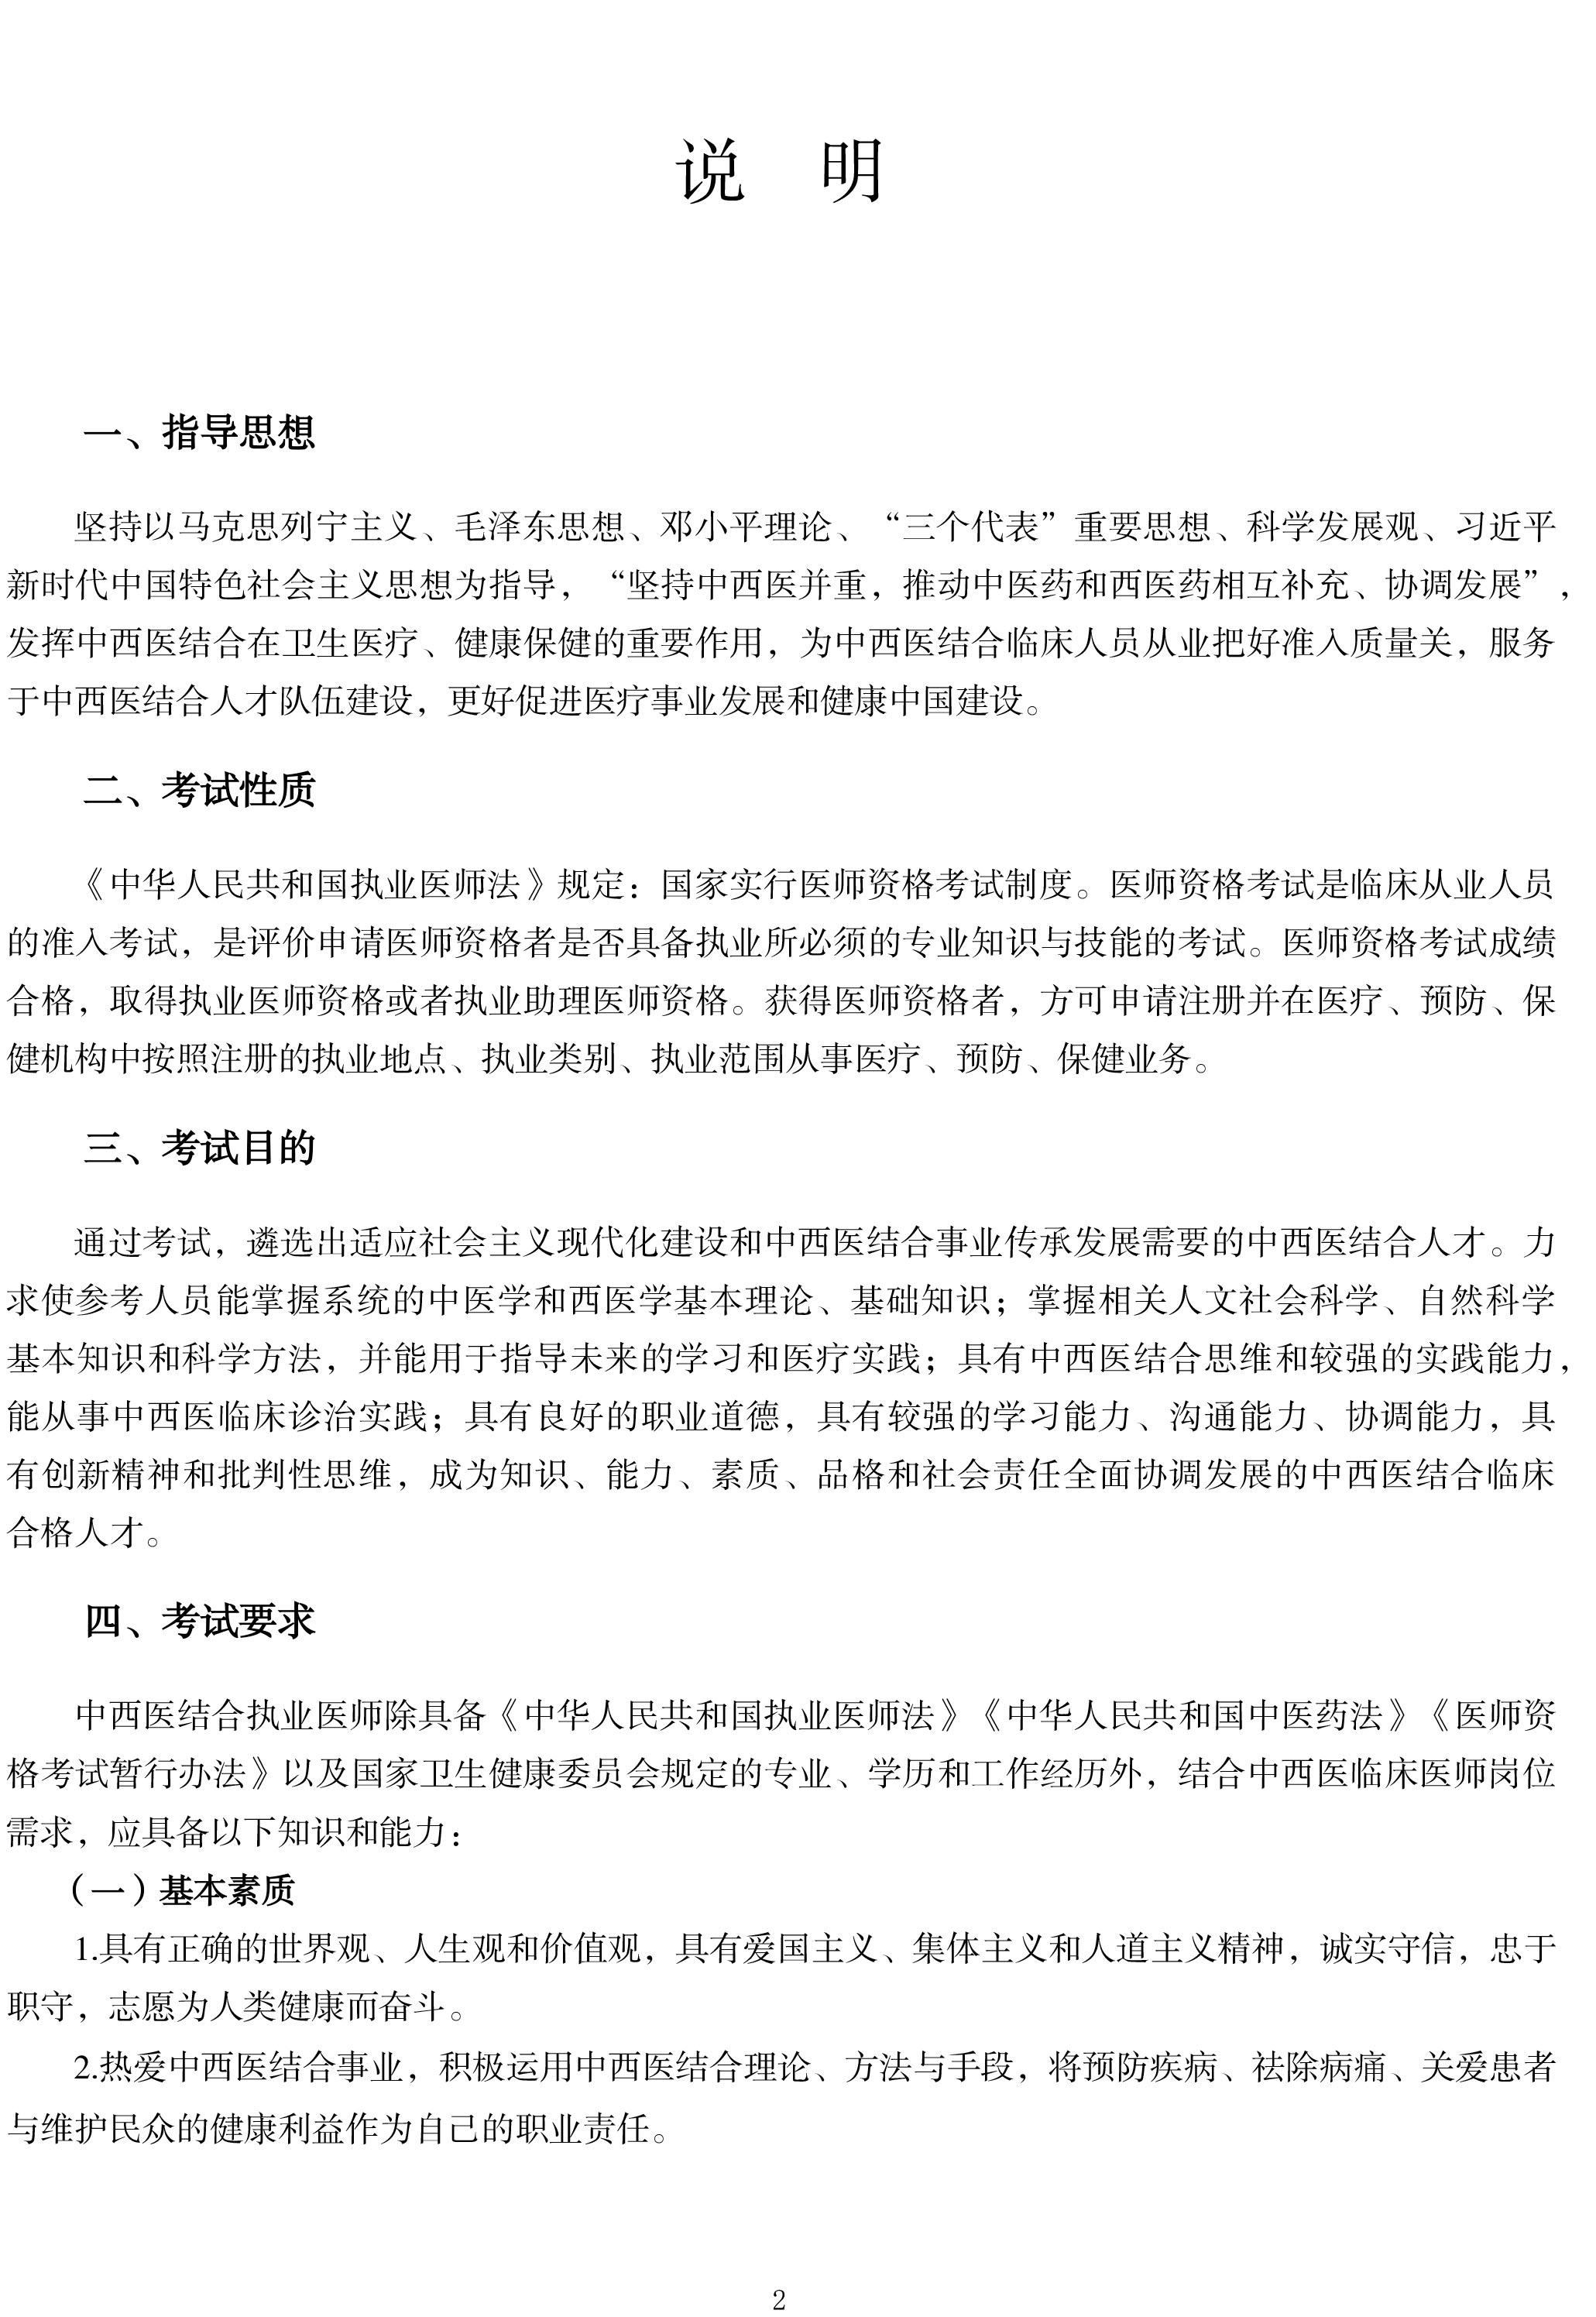 中西医结合执业医师资格考试大纲(2020年版)